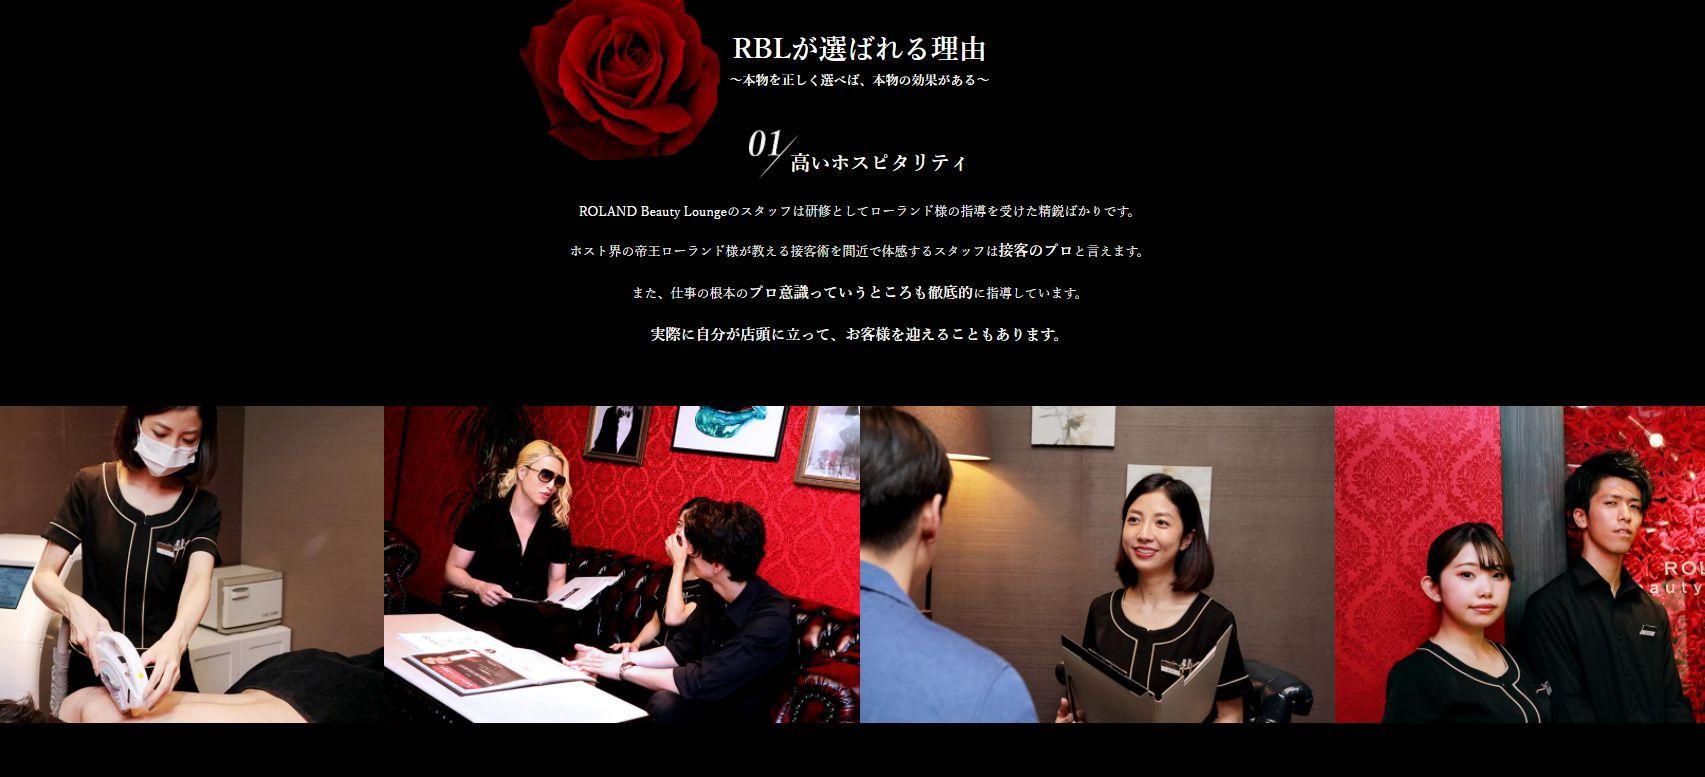 RBL215.jpg